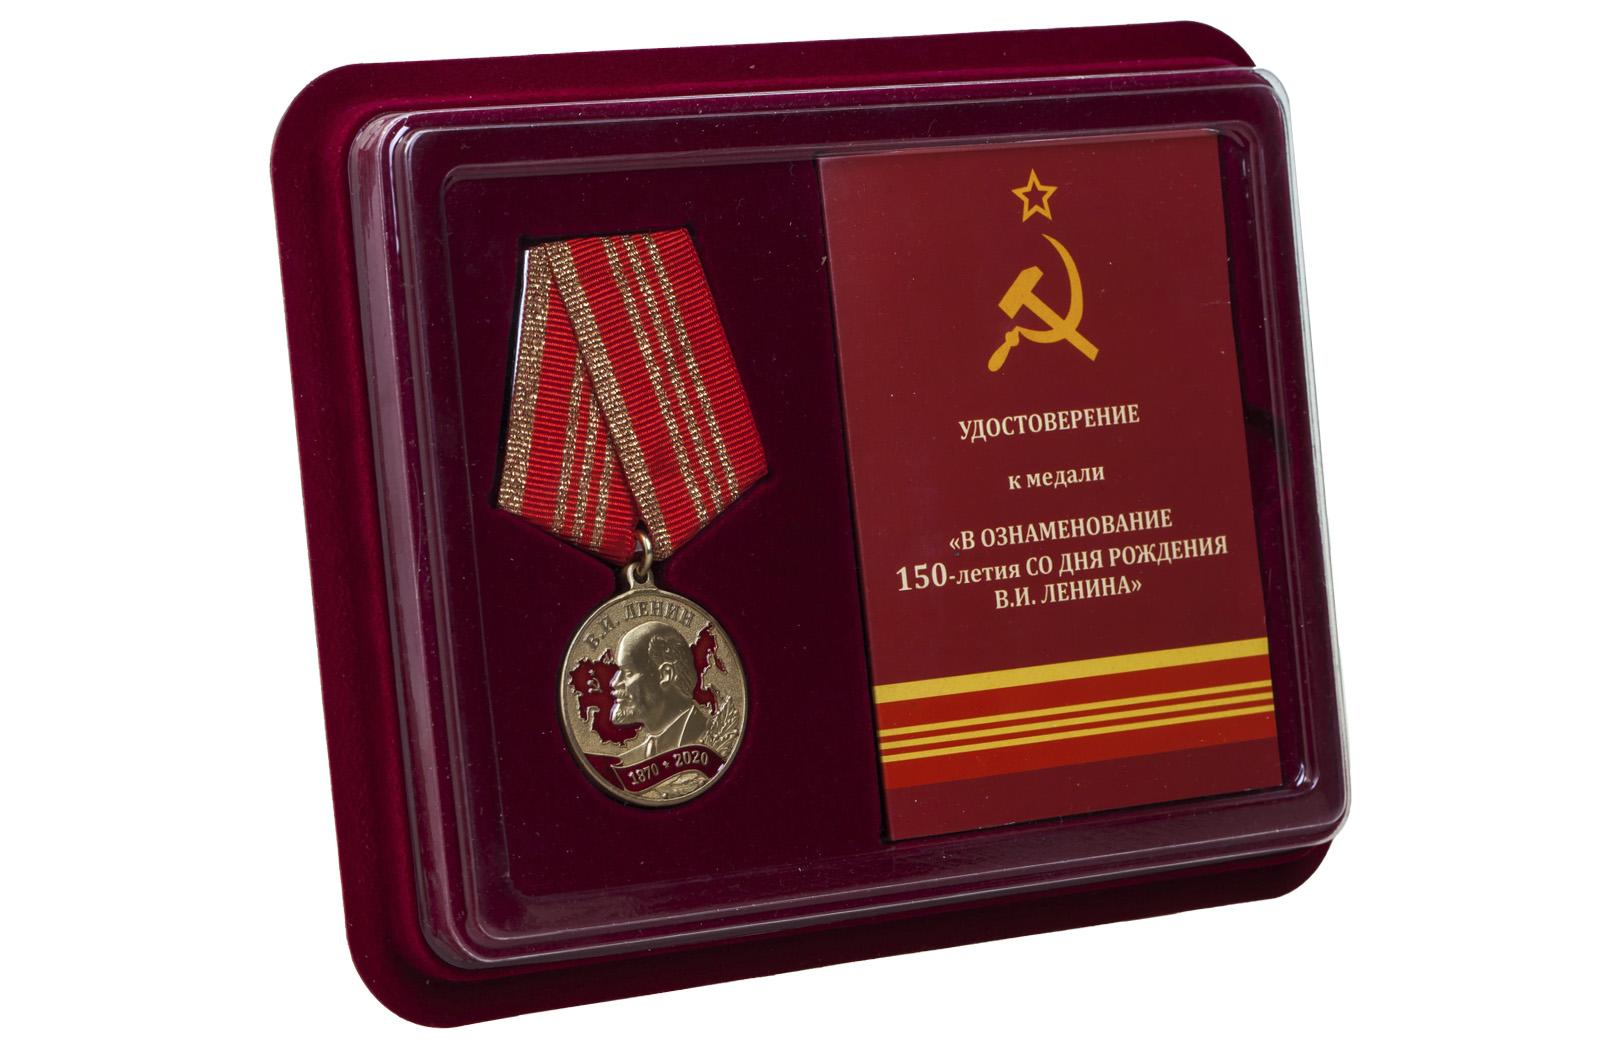 Купить памятную медаль 150 лет со дня рождения Ленина оптом выгодно